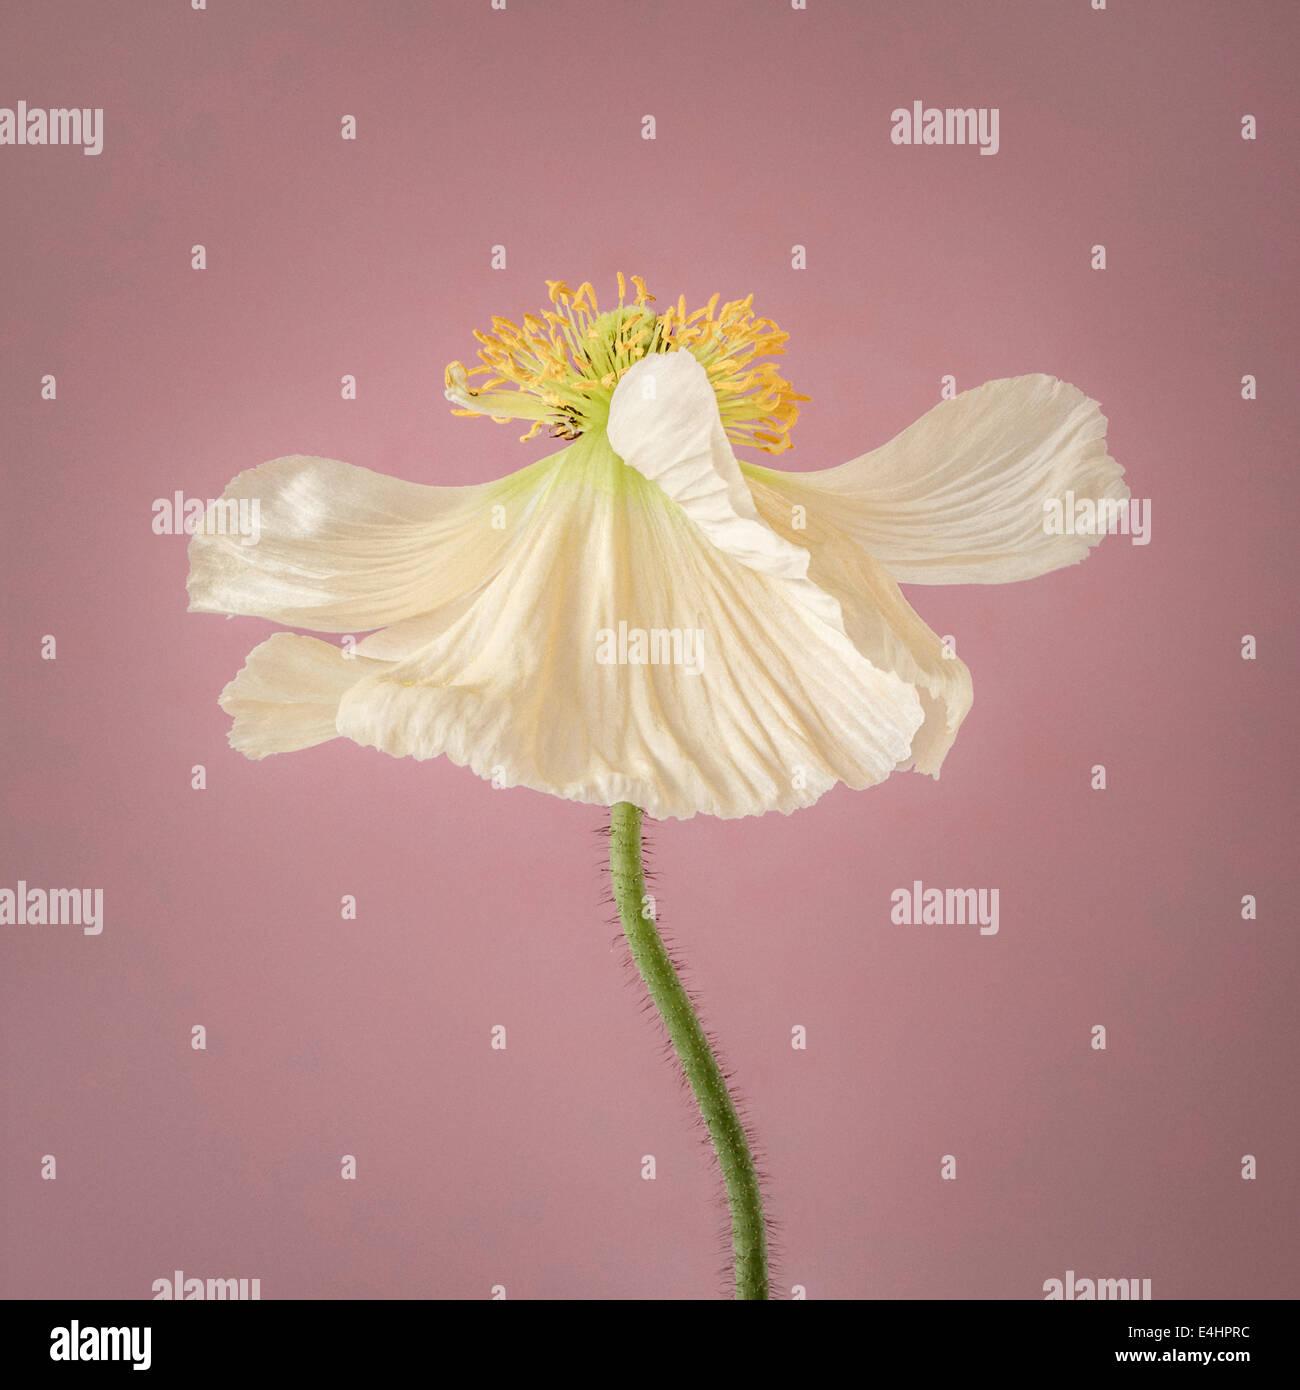 En flor de adormidera blanca sobre fondo de color rosa Imagen De Stock